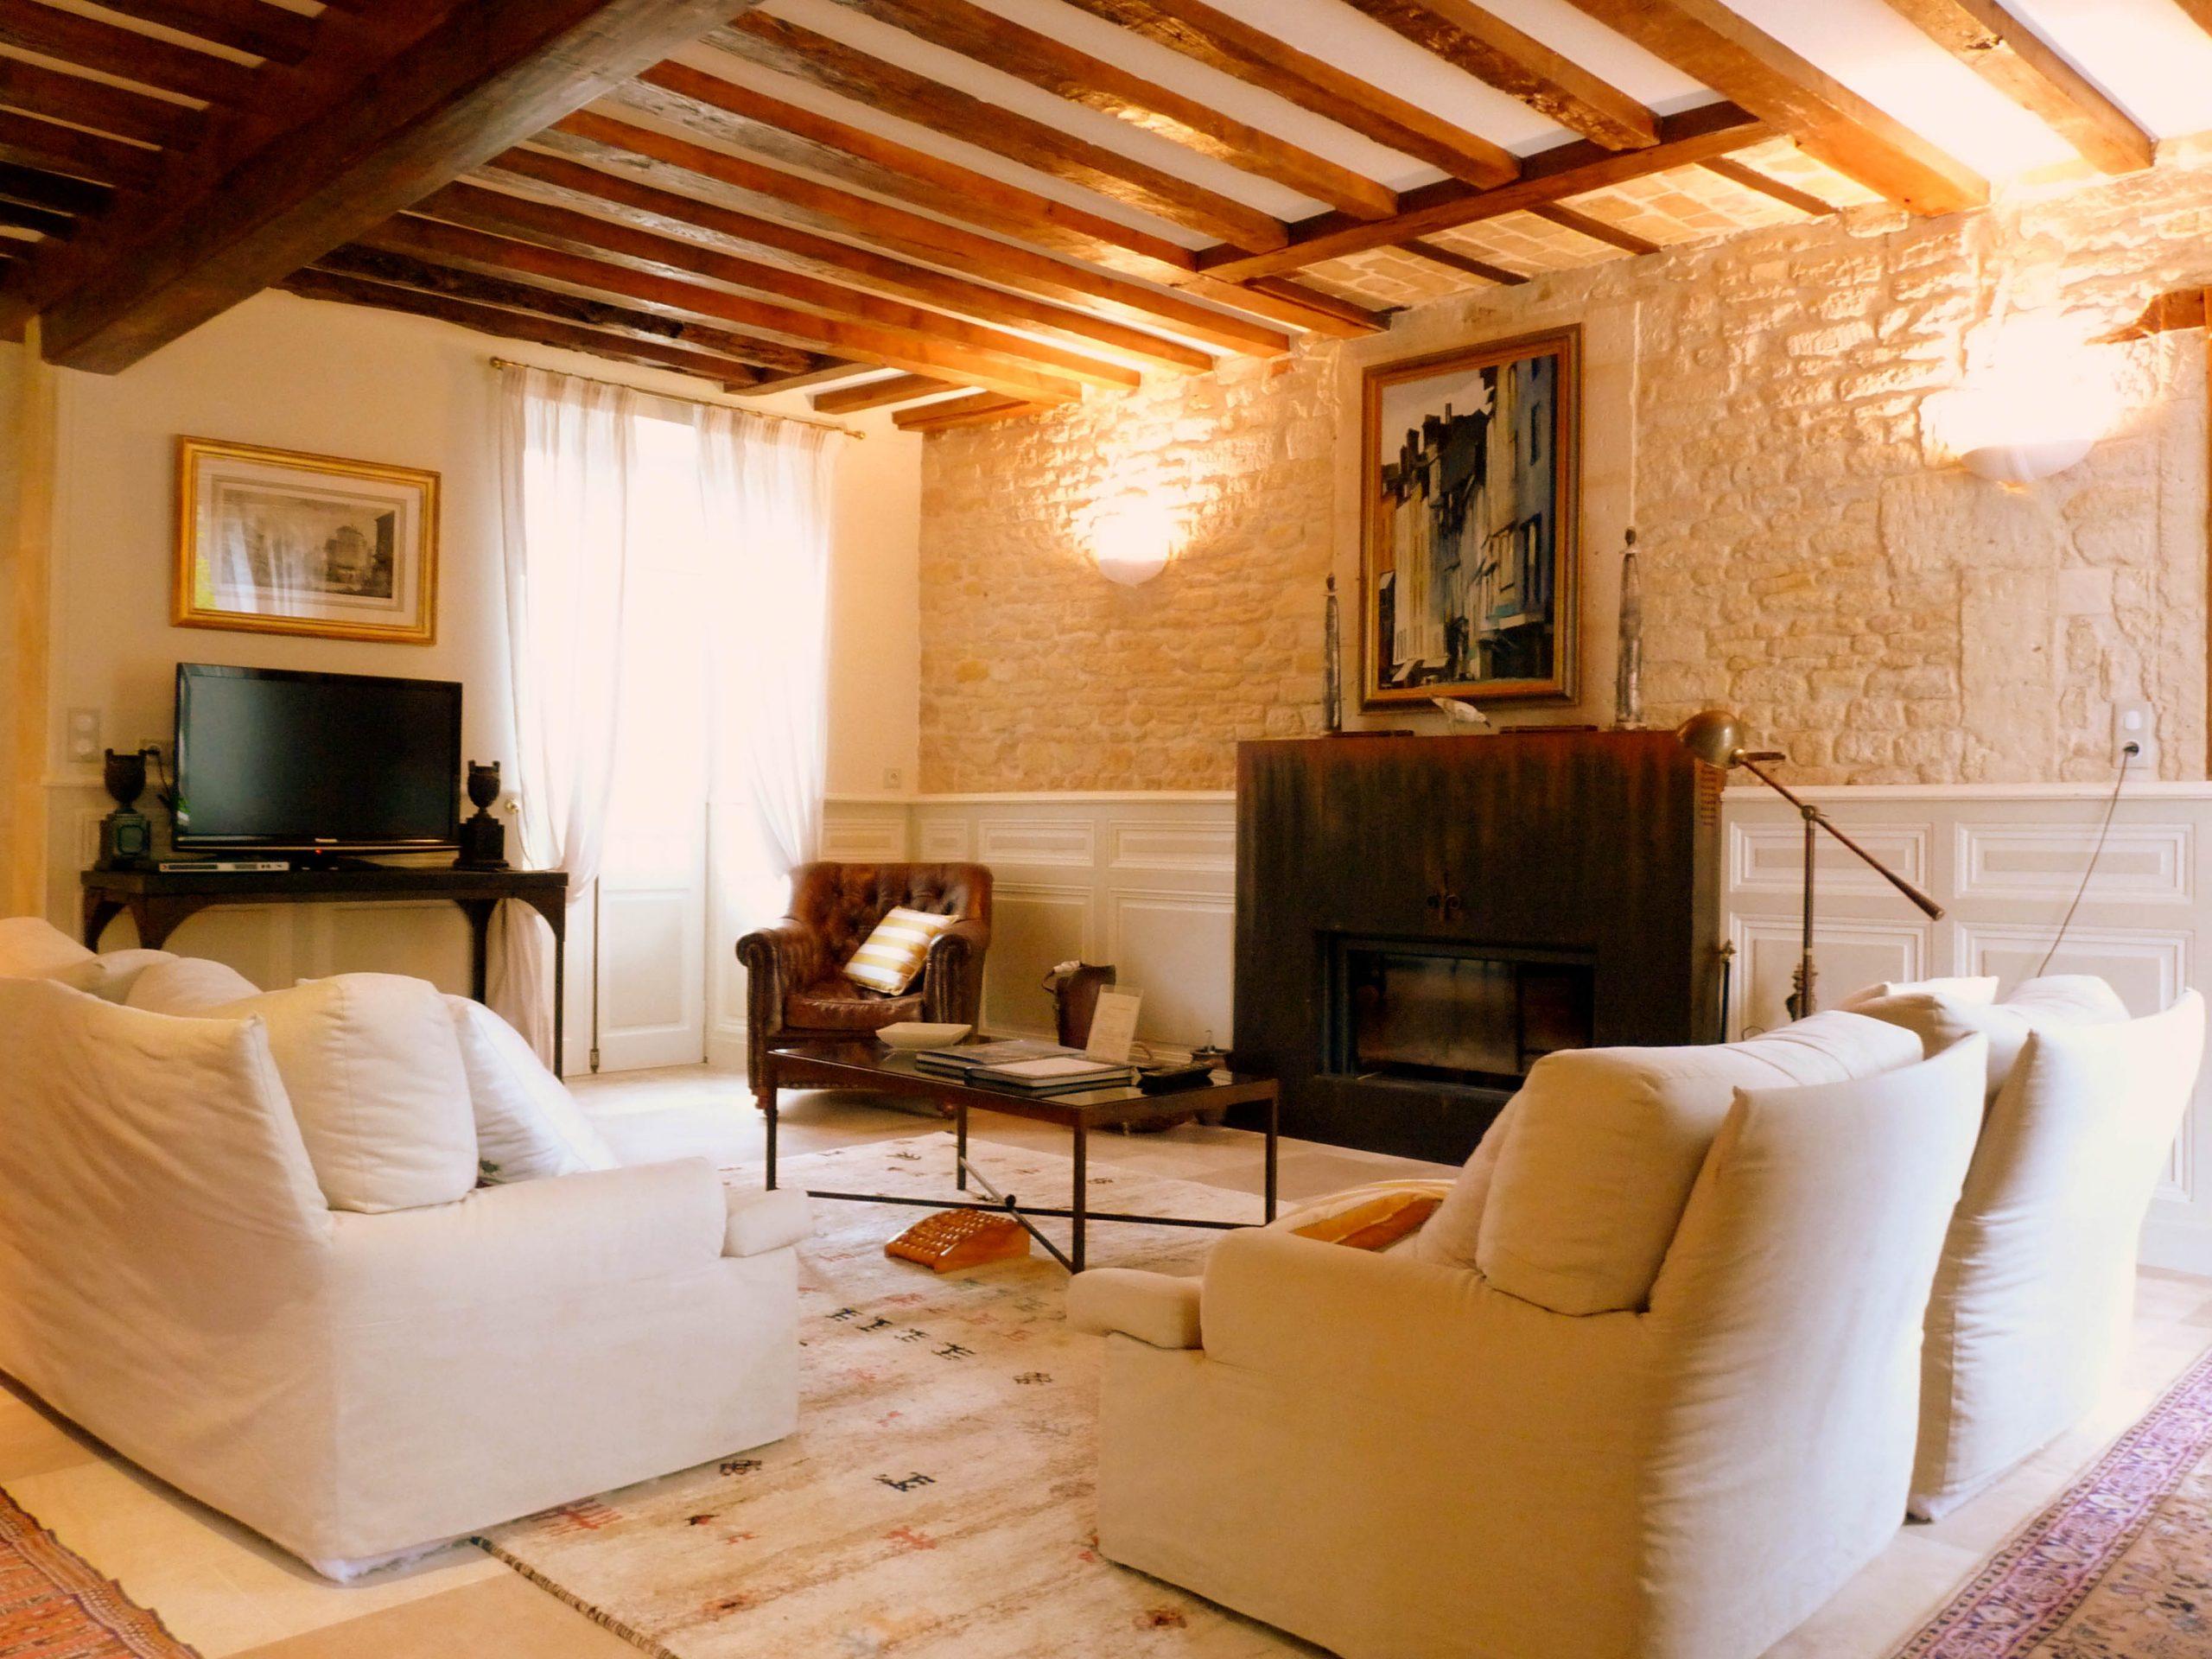 La Haule - Houses For Rent In Douvres-La-Délivrande ... serapportantà Piscine Douvres La Délivrande